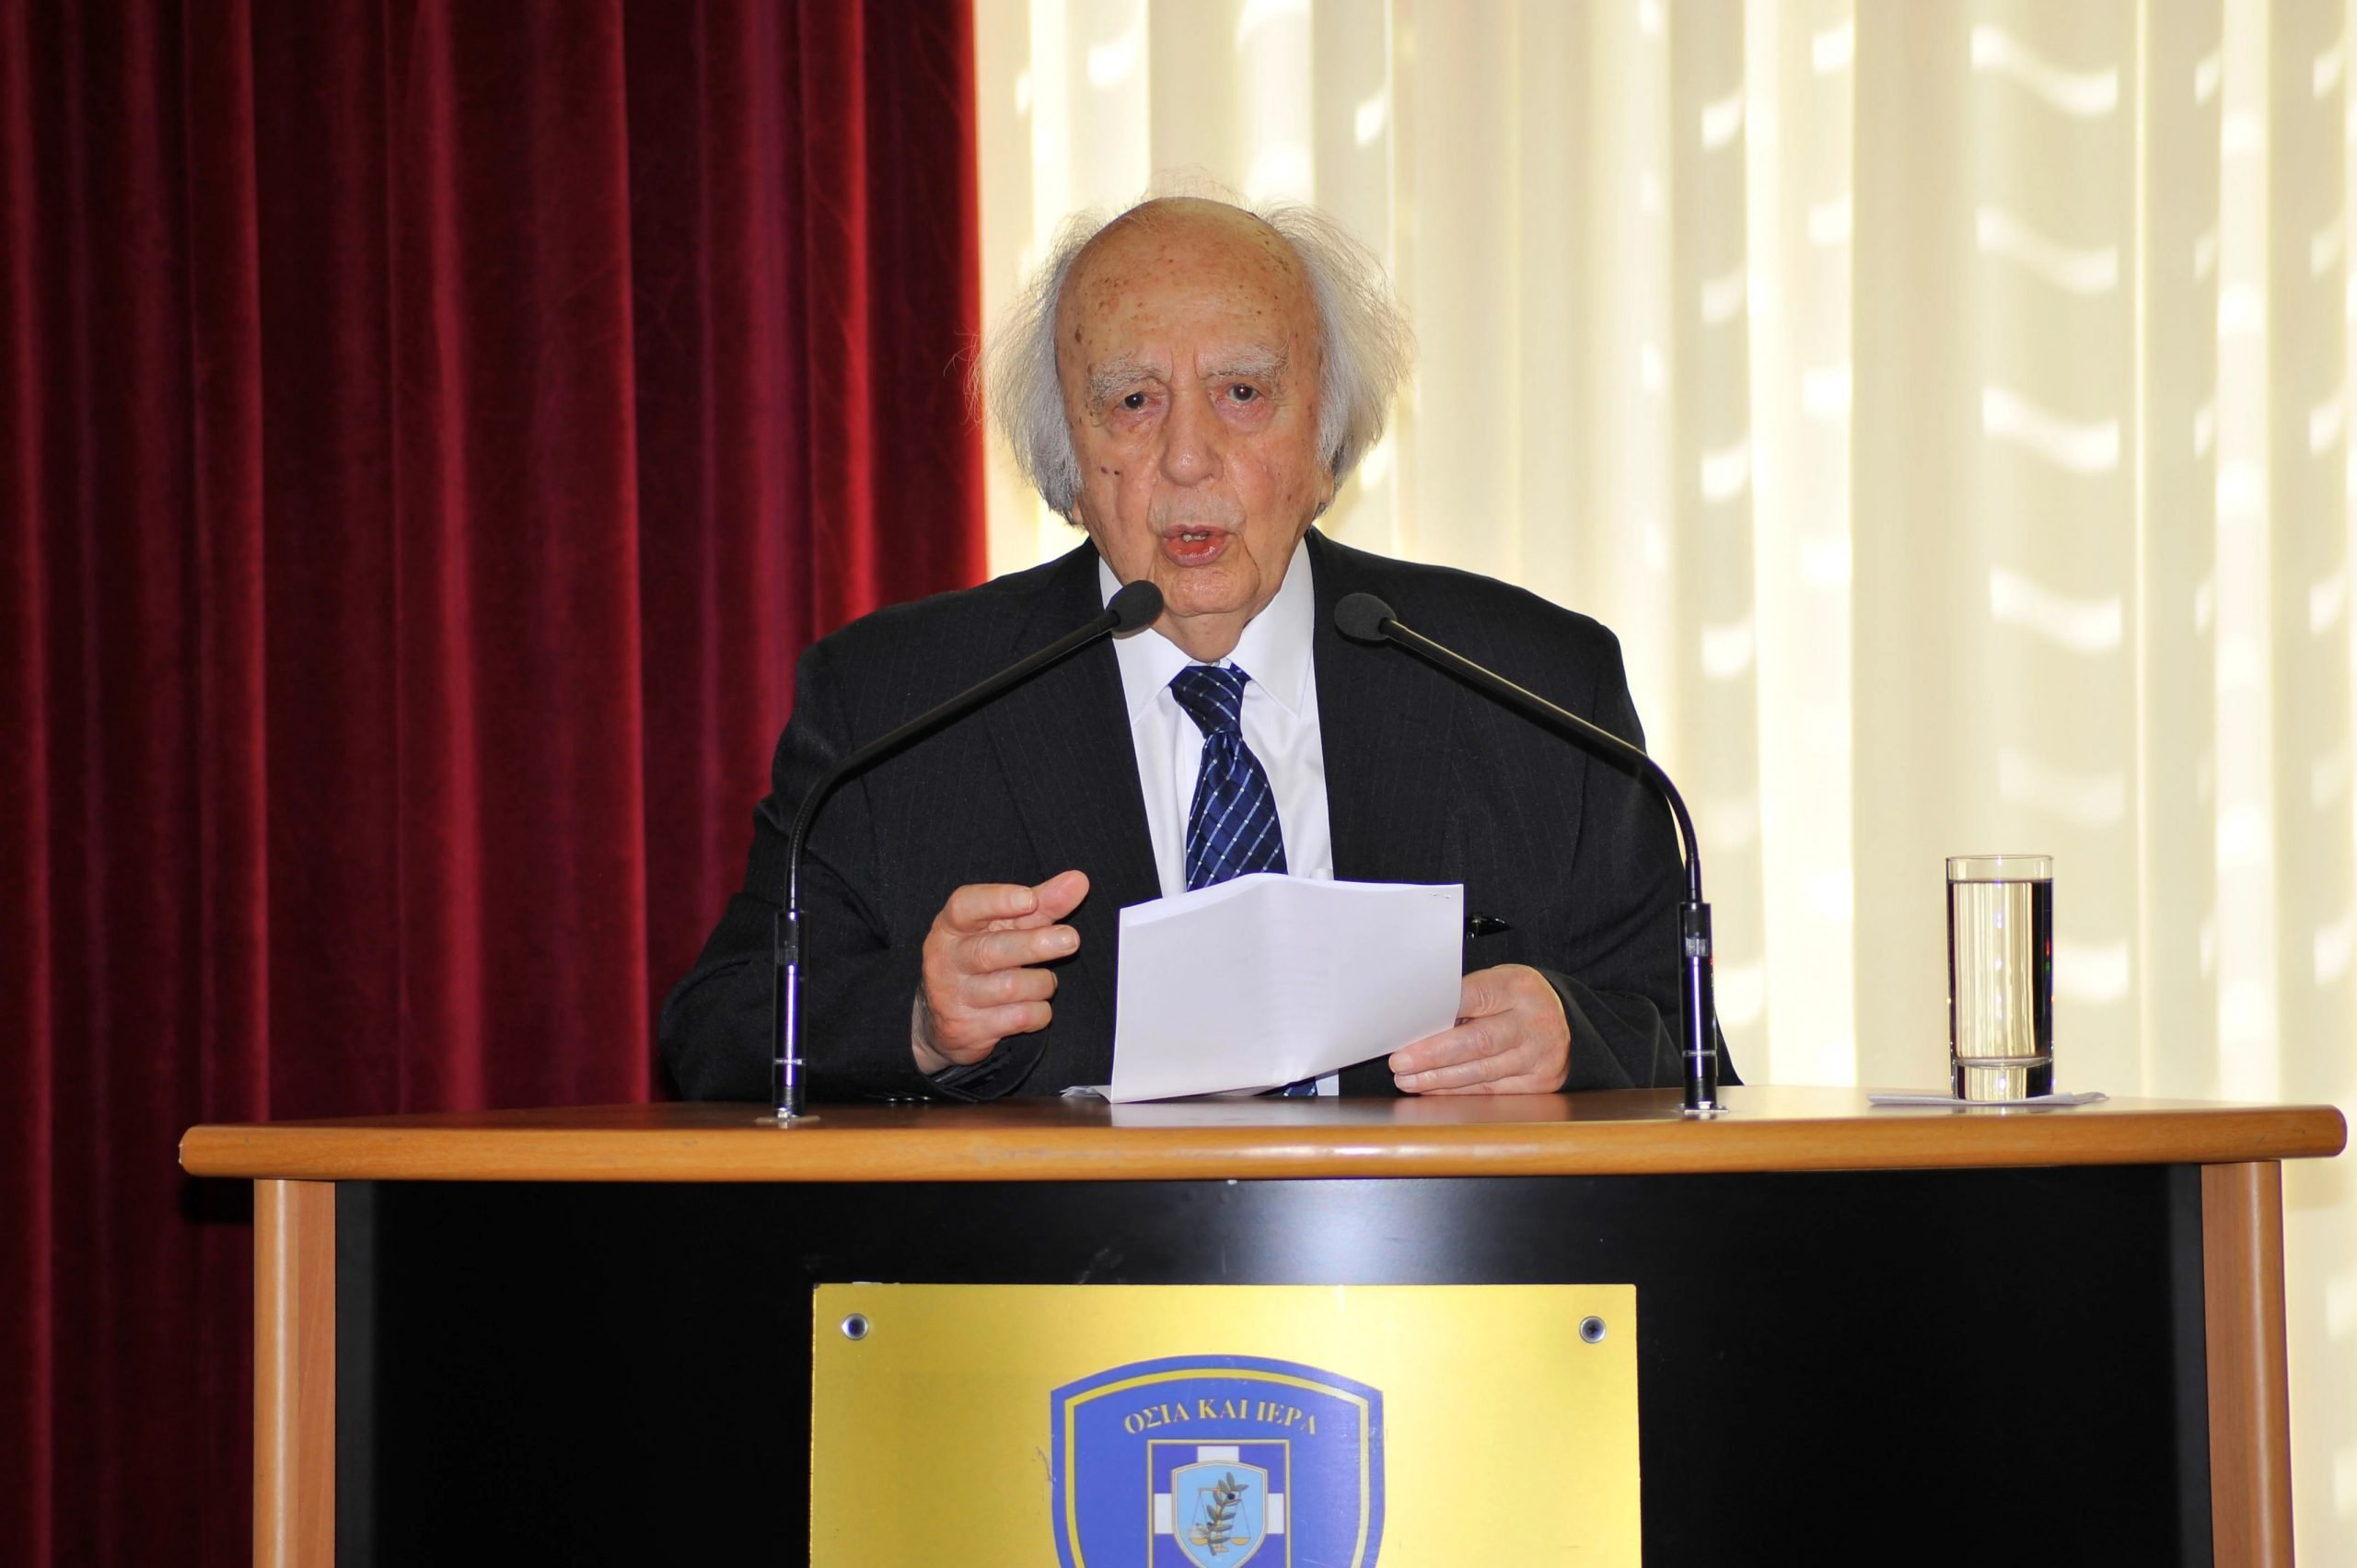 """Πένθος στην Κύπρο παραμονή της άτυπου πενταμερούς: """"Έφυγε"""" σε ηλικία 101 ετών ο πρώην πρόεδρος της Βουλής και ηγέτης της ΕΔΕΚ, Βάσος Λυσσαρίδης"""